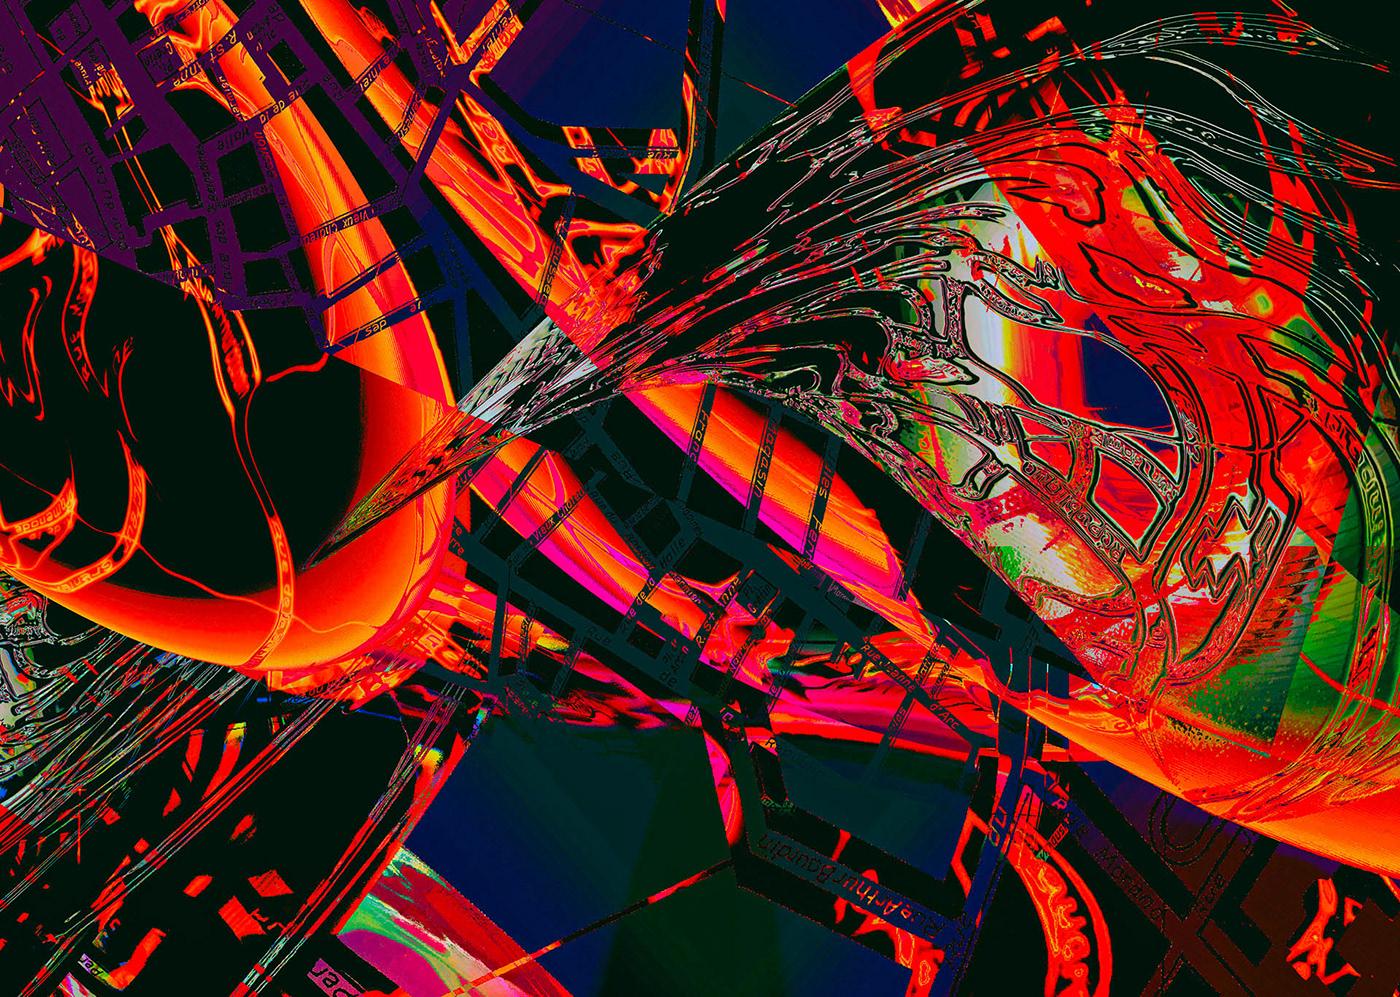 graphisme art numérique graphic design  conference poster depliant Culturel art communication visuelle visuel